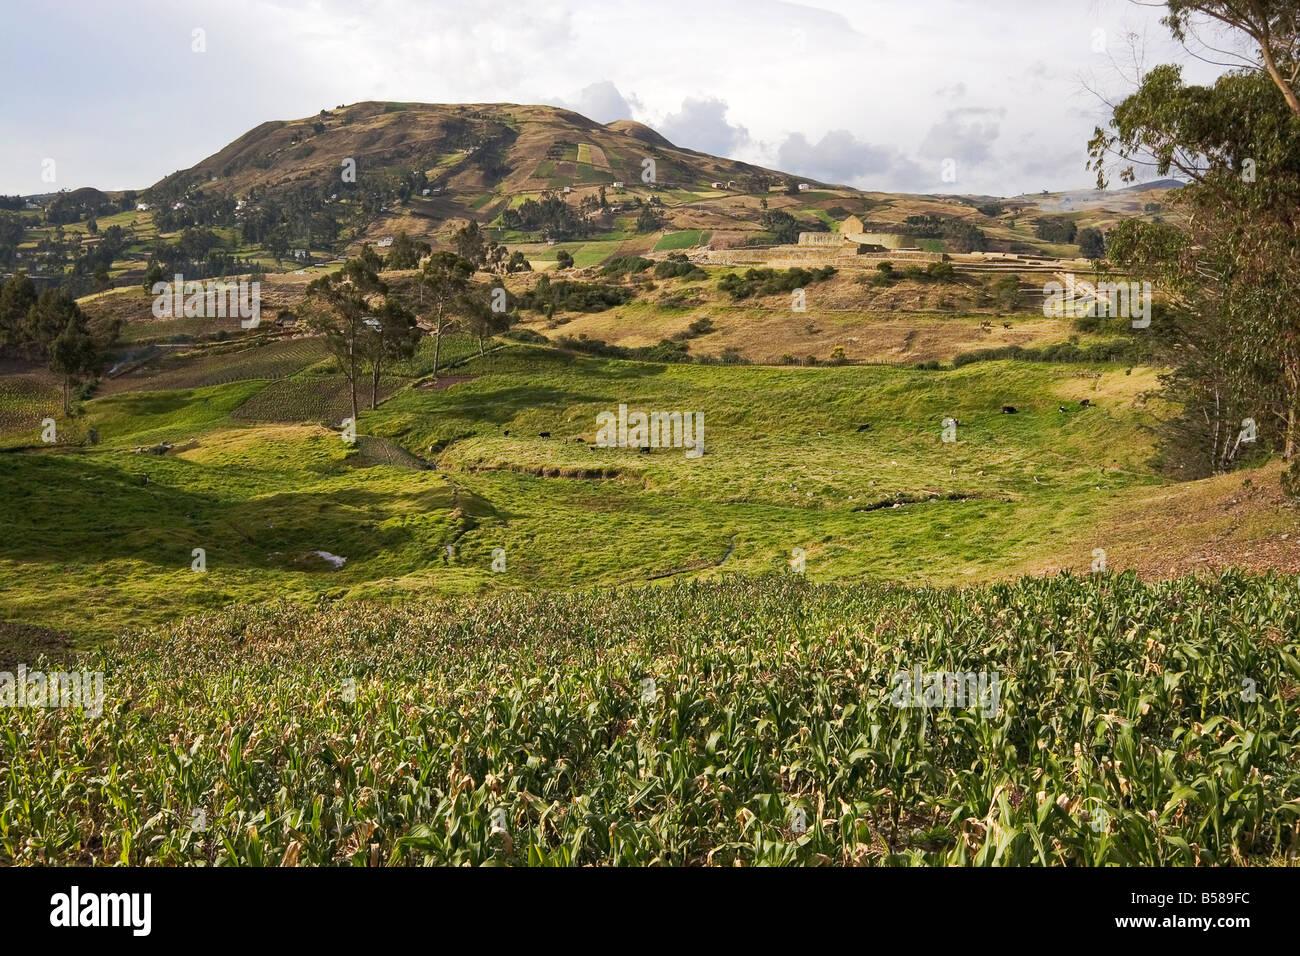 La recherche à travers des champs de maïs du Canari les gens vers le Temple du Soleil à Ingapirca, Photo Stock